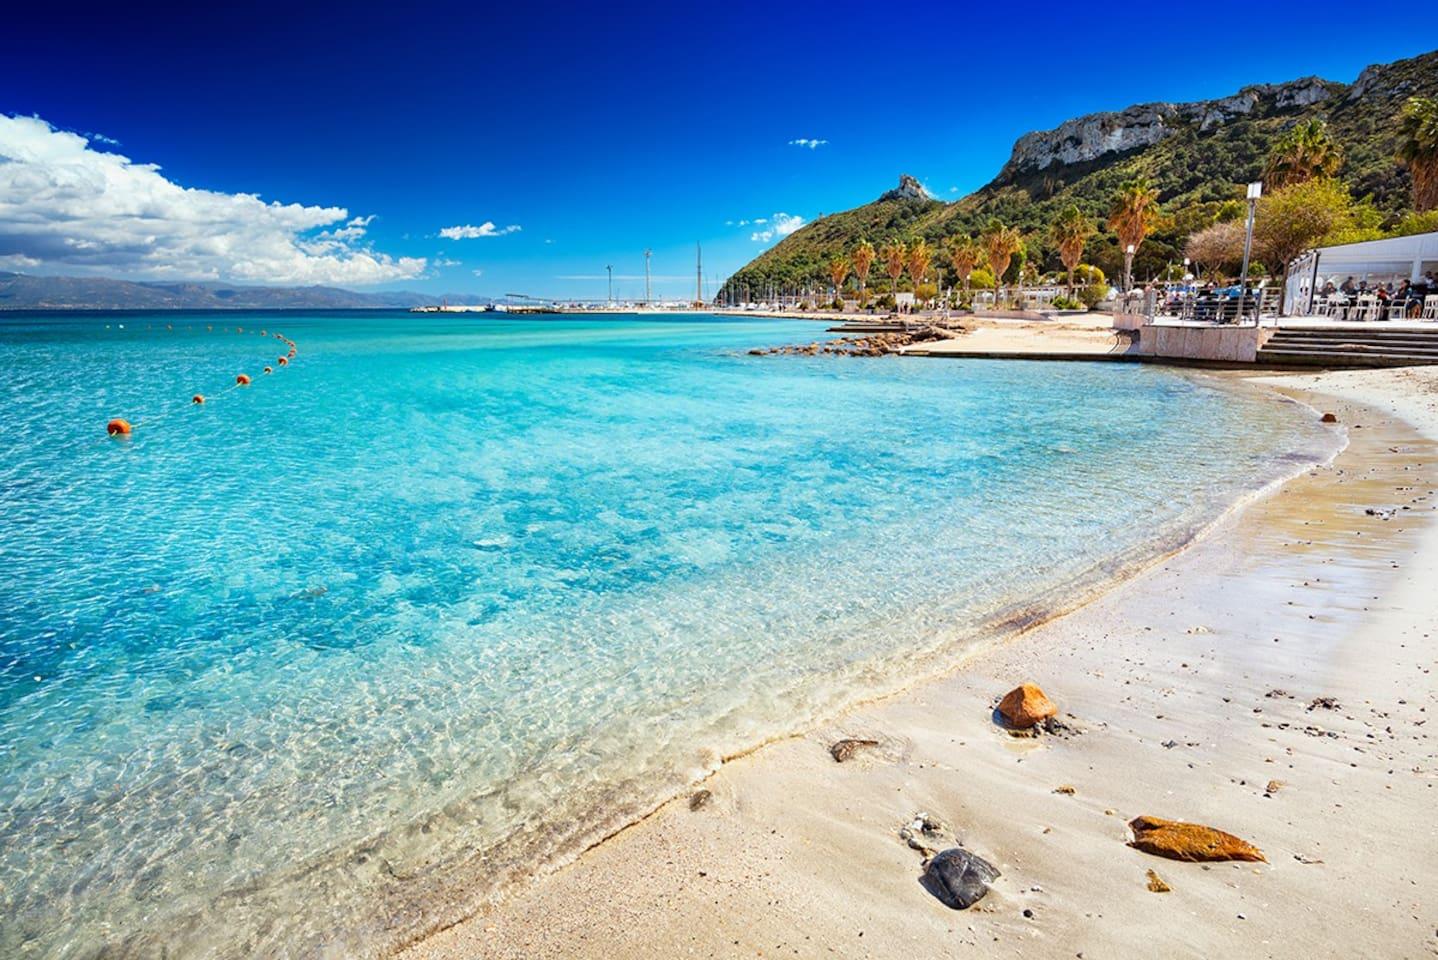 Spiaggia del Poetto a 10 minuti  di macchina da casa / Poetto Beach 10 minutes by car from home